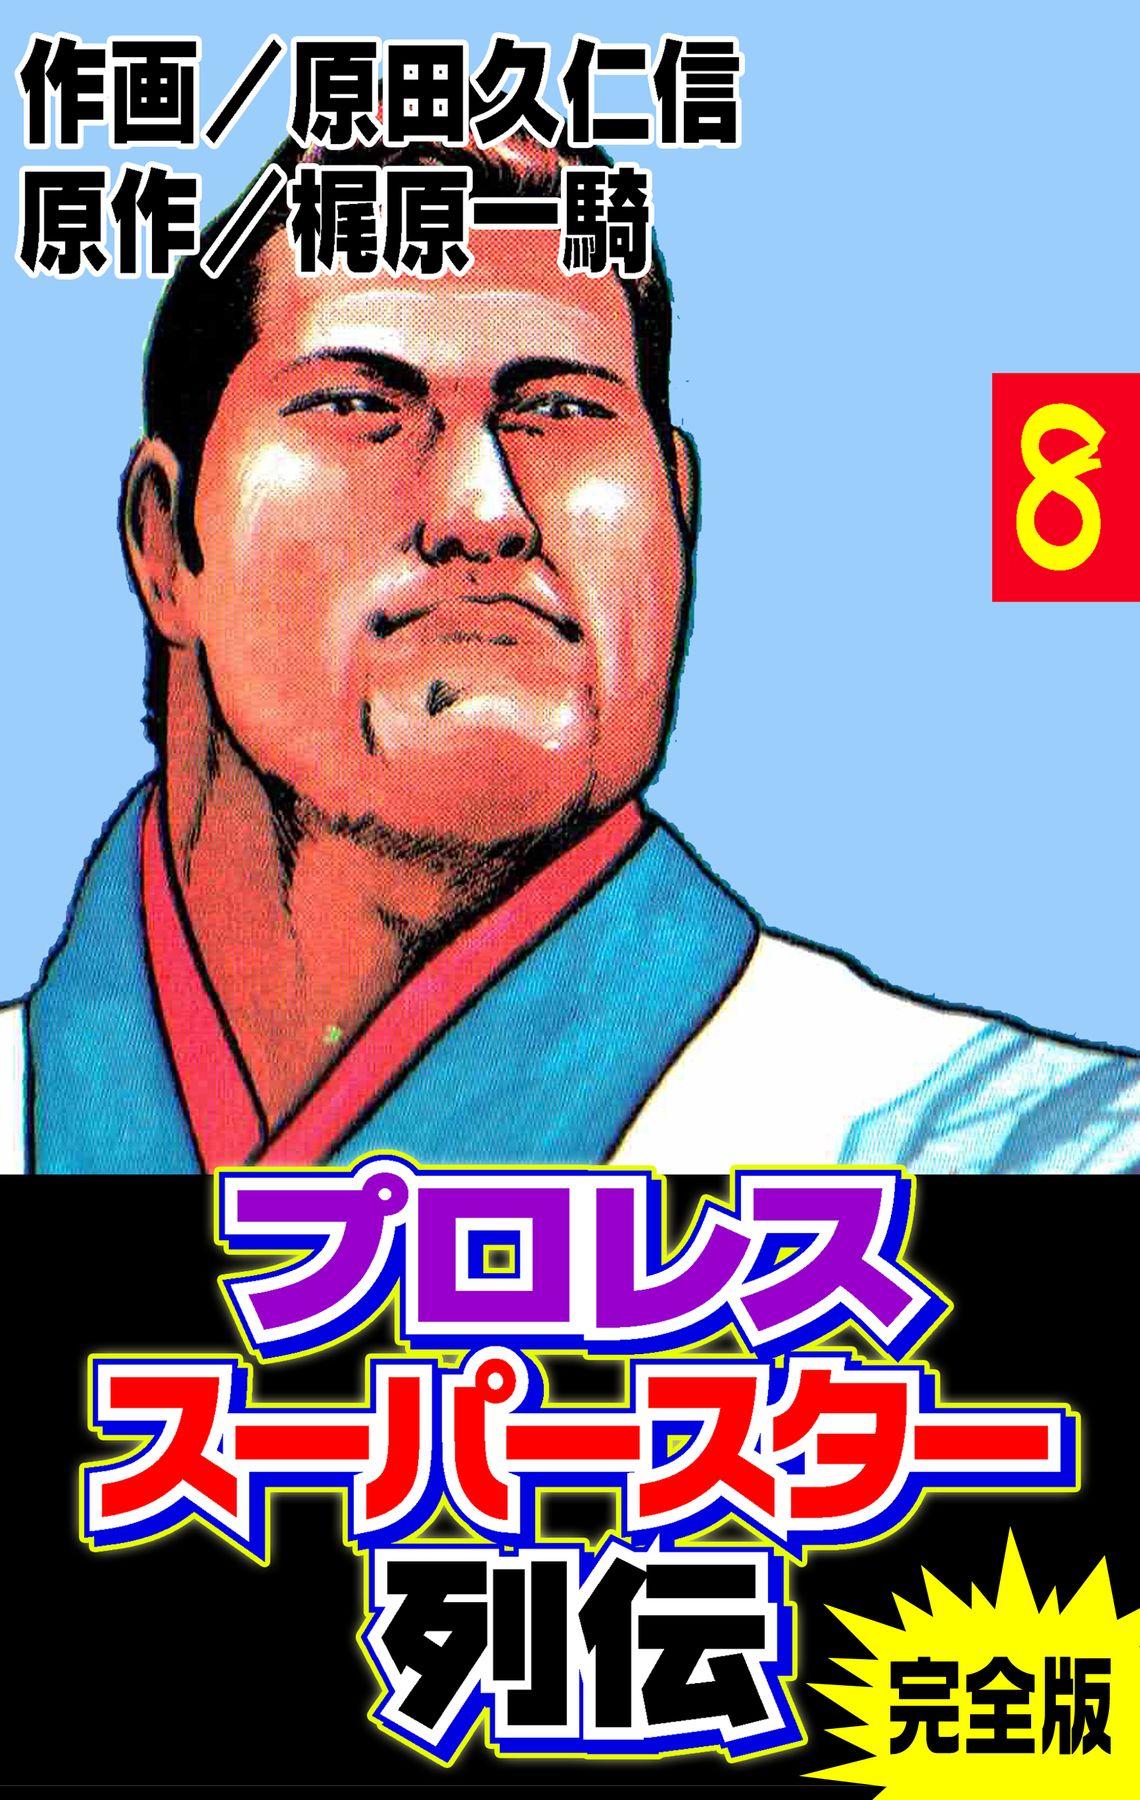 プロレススーパースター列伝【完全版】(第8巻)